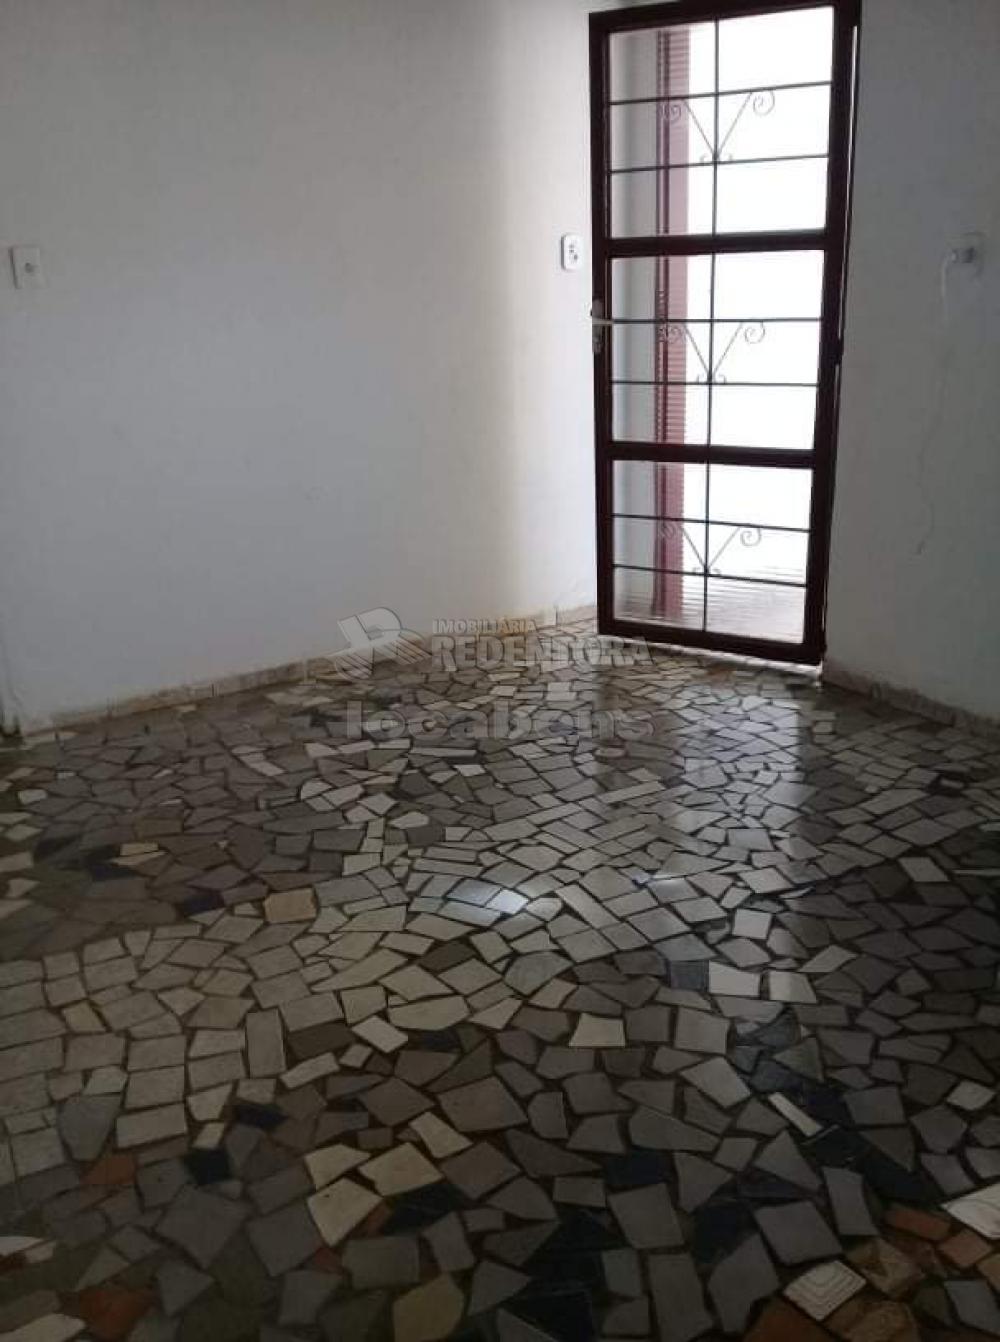 Comprar Casa / Padrão em São José do Rio Preto R$ 165.000,00 - Foto 4